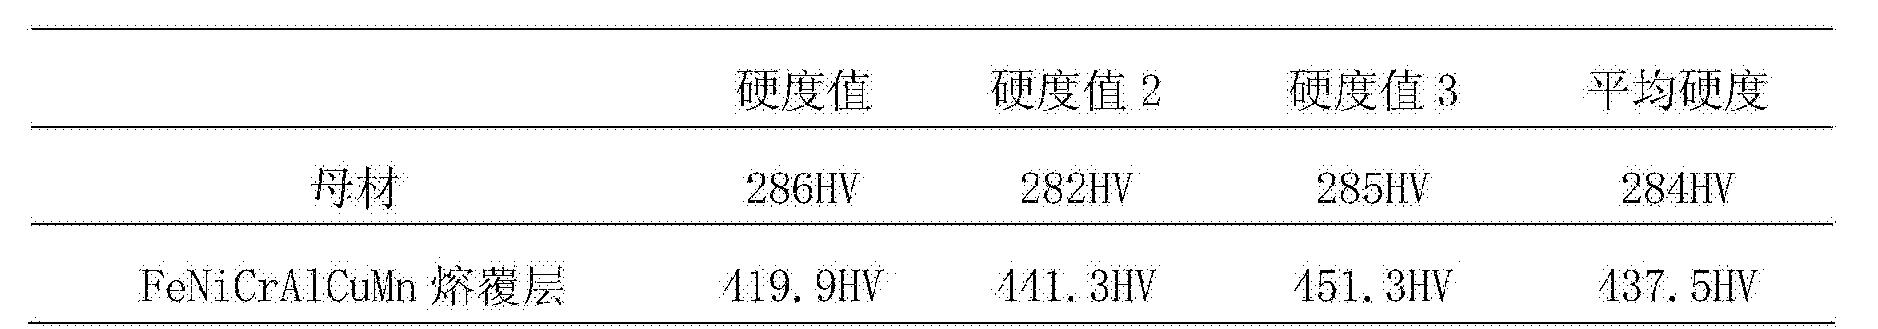 Figure CN104141127BD00062